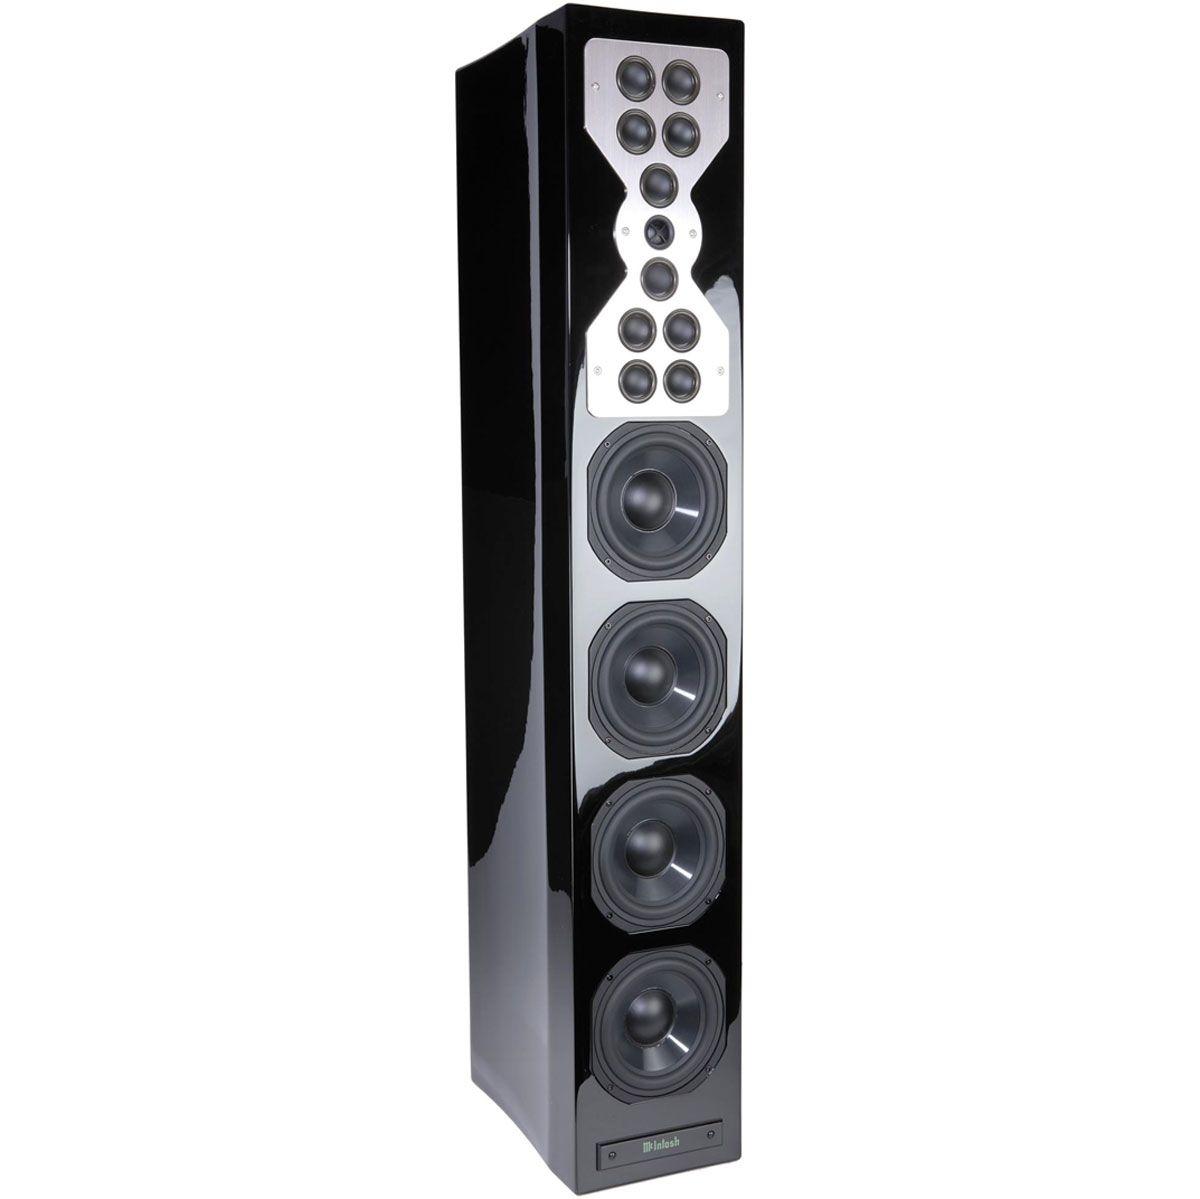 MCINTOSH XR100 Floorstanding Speaker